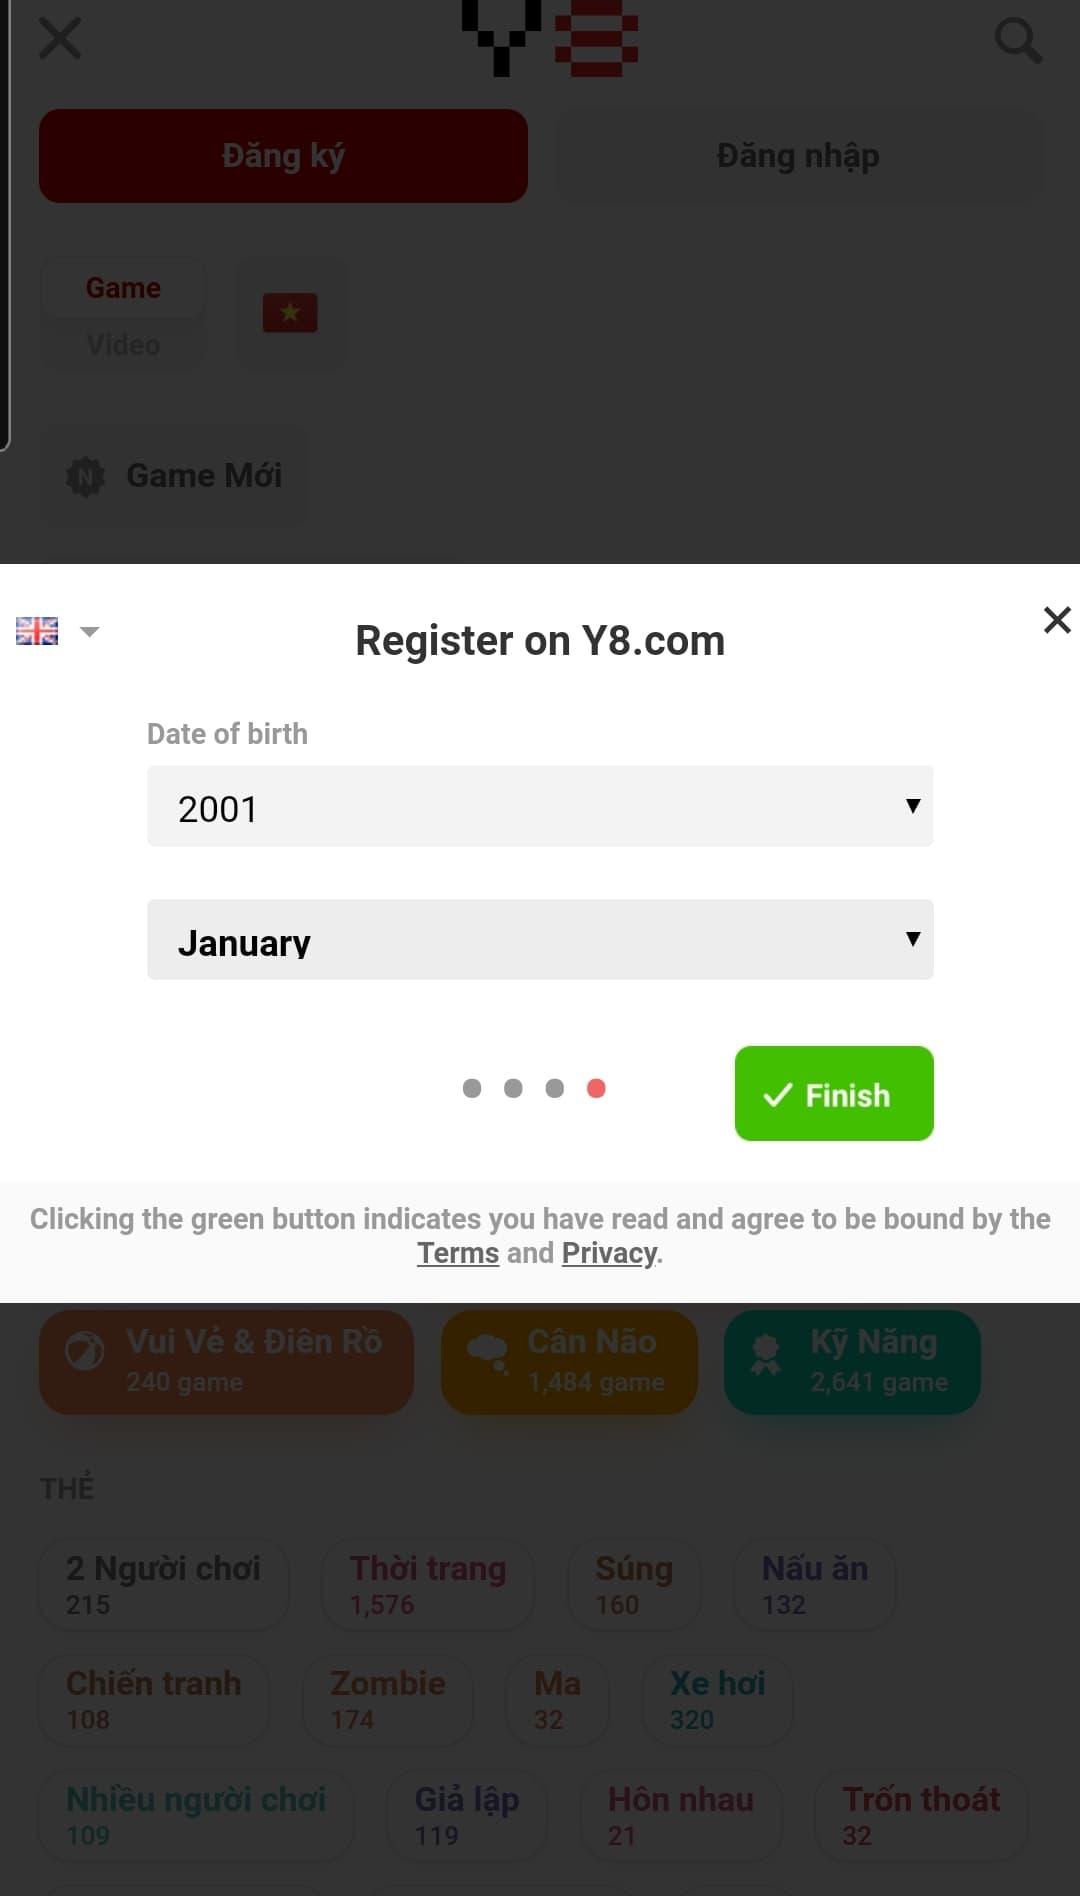 Lựa chọn giới tính, ngày tháng năm sinh của bạn. Sau đó bấm chọn FINISH để hoàn thành quá trình đăng ký tài khoản tại y8